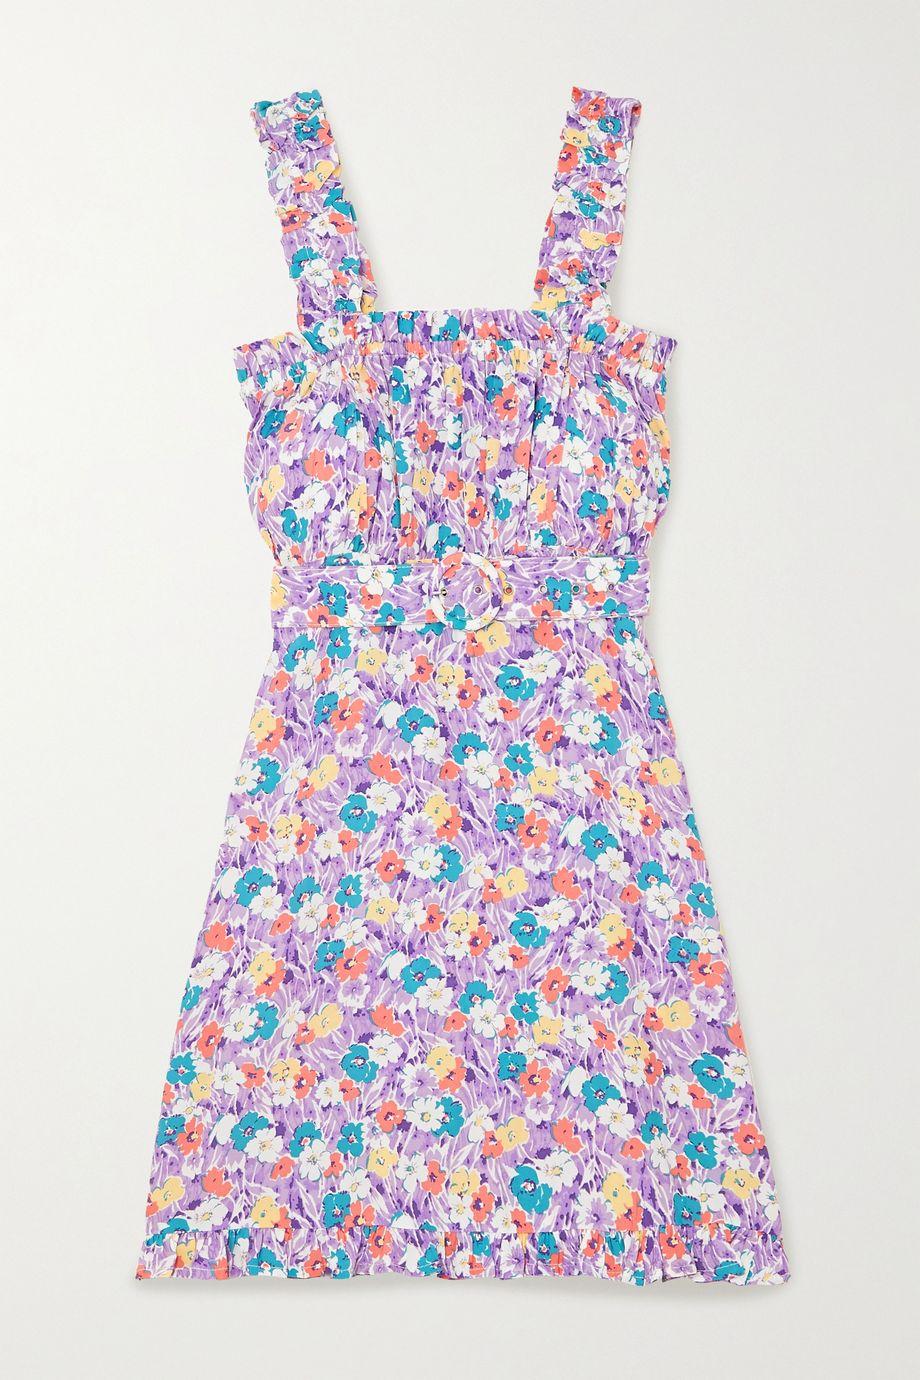 Faithfull The Brand + NET SUSTAIN Mid Summer Minikleid aus Crêpe mit Blumenprint